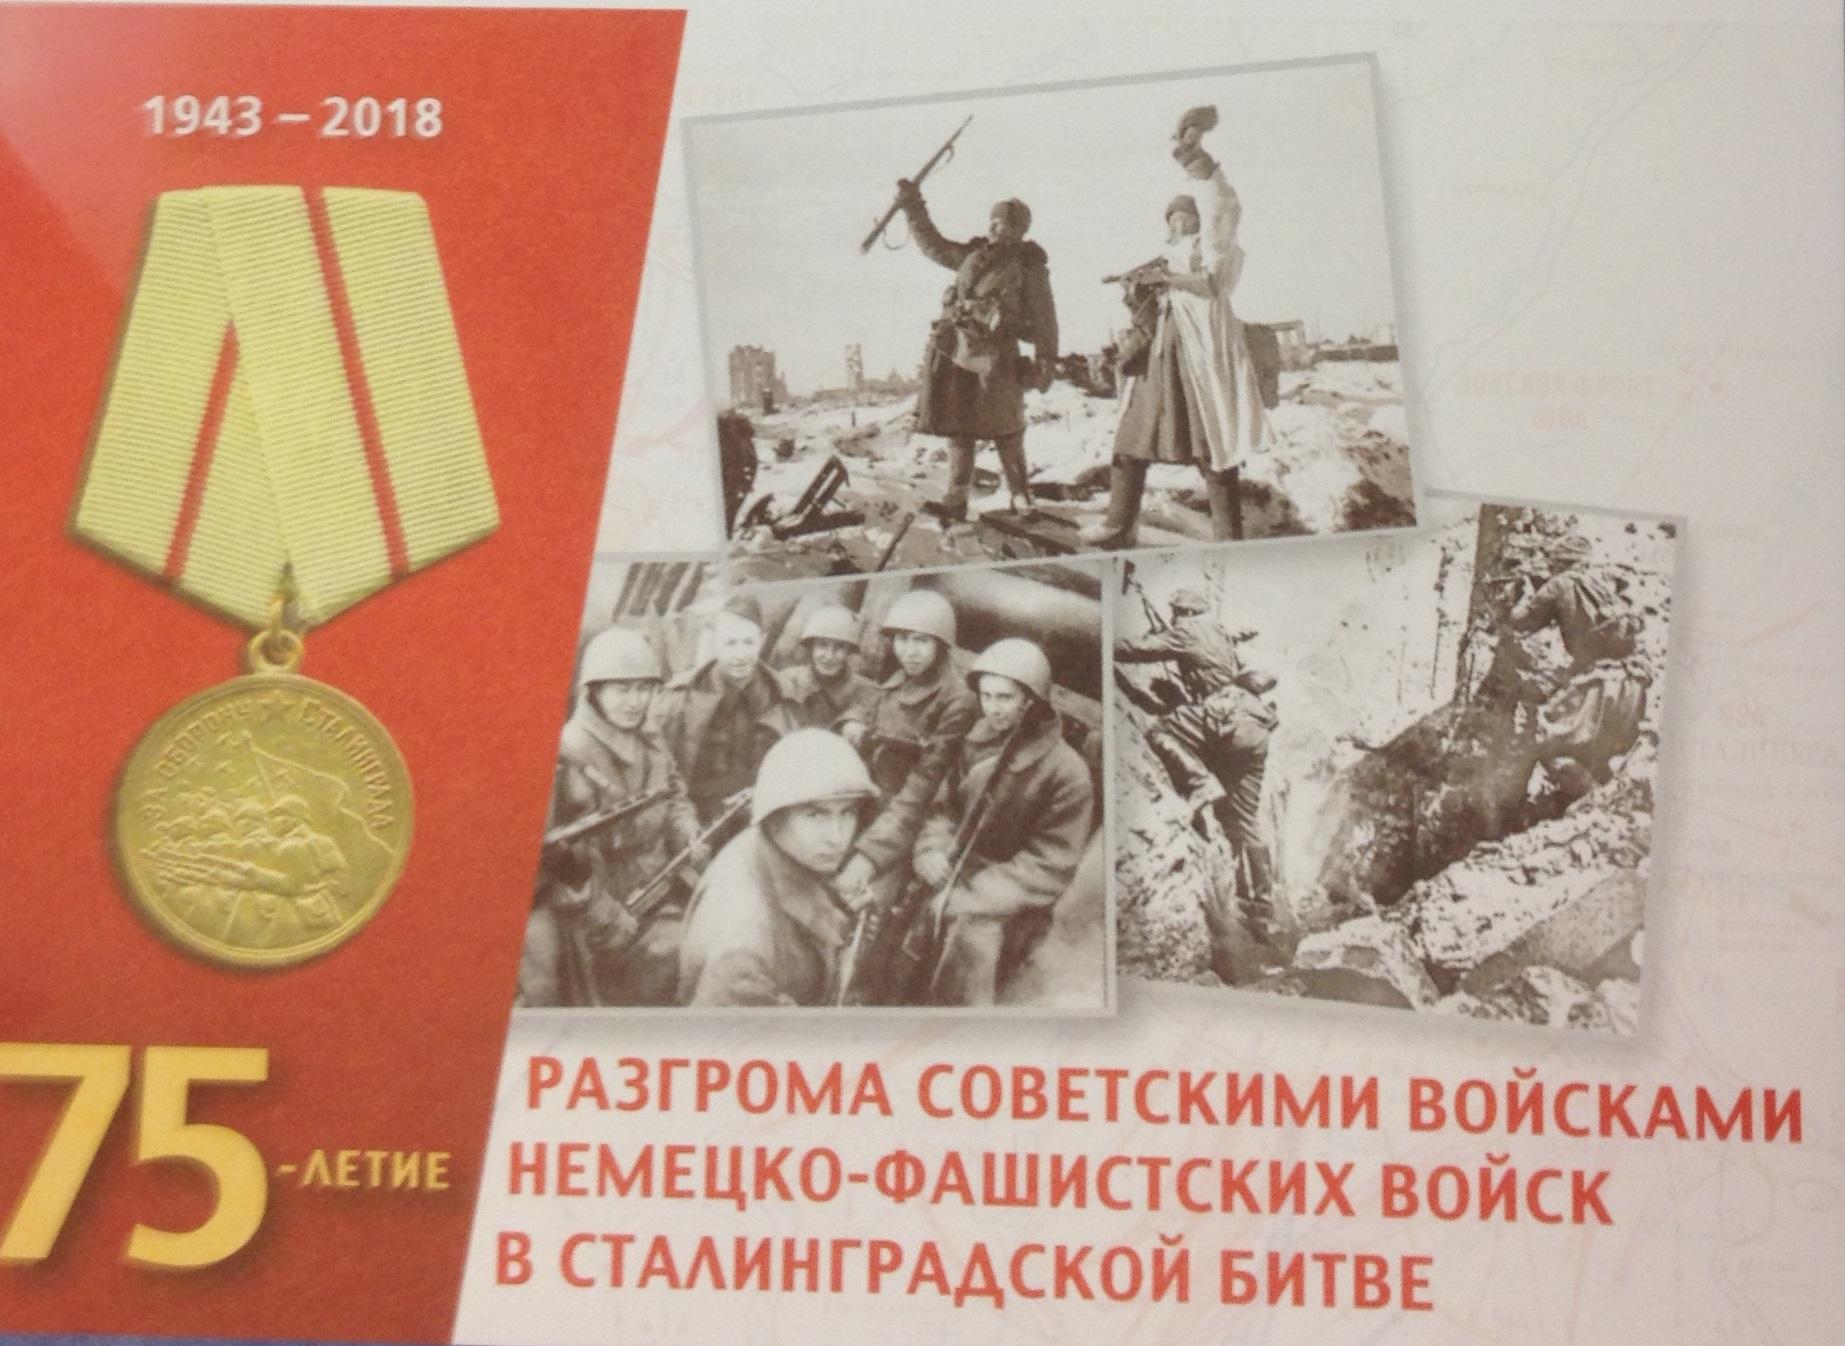 Почта России доставила поздравления Президента Российской Федерации защитникам Сталинграда